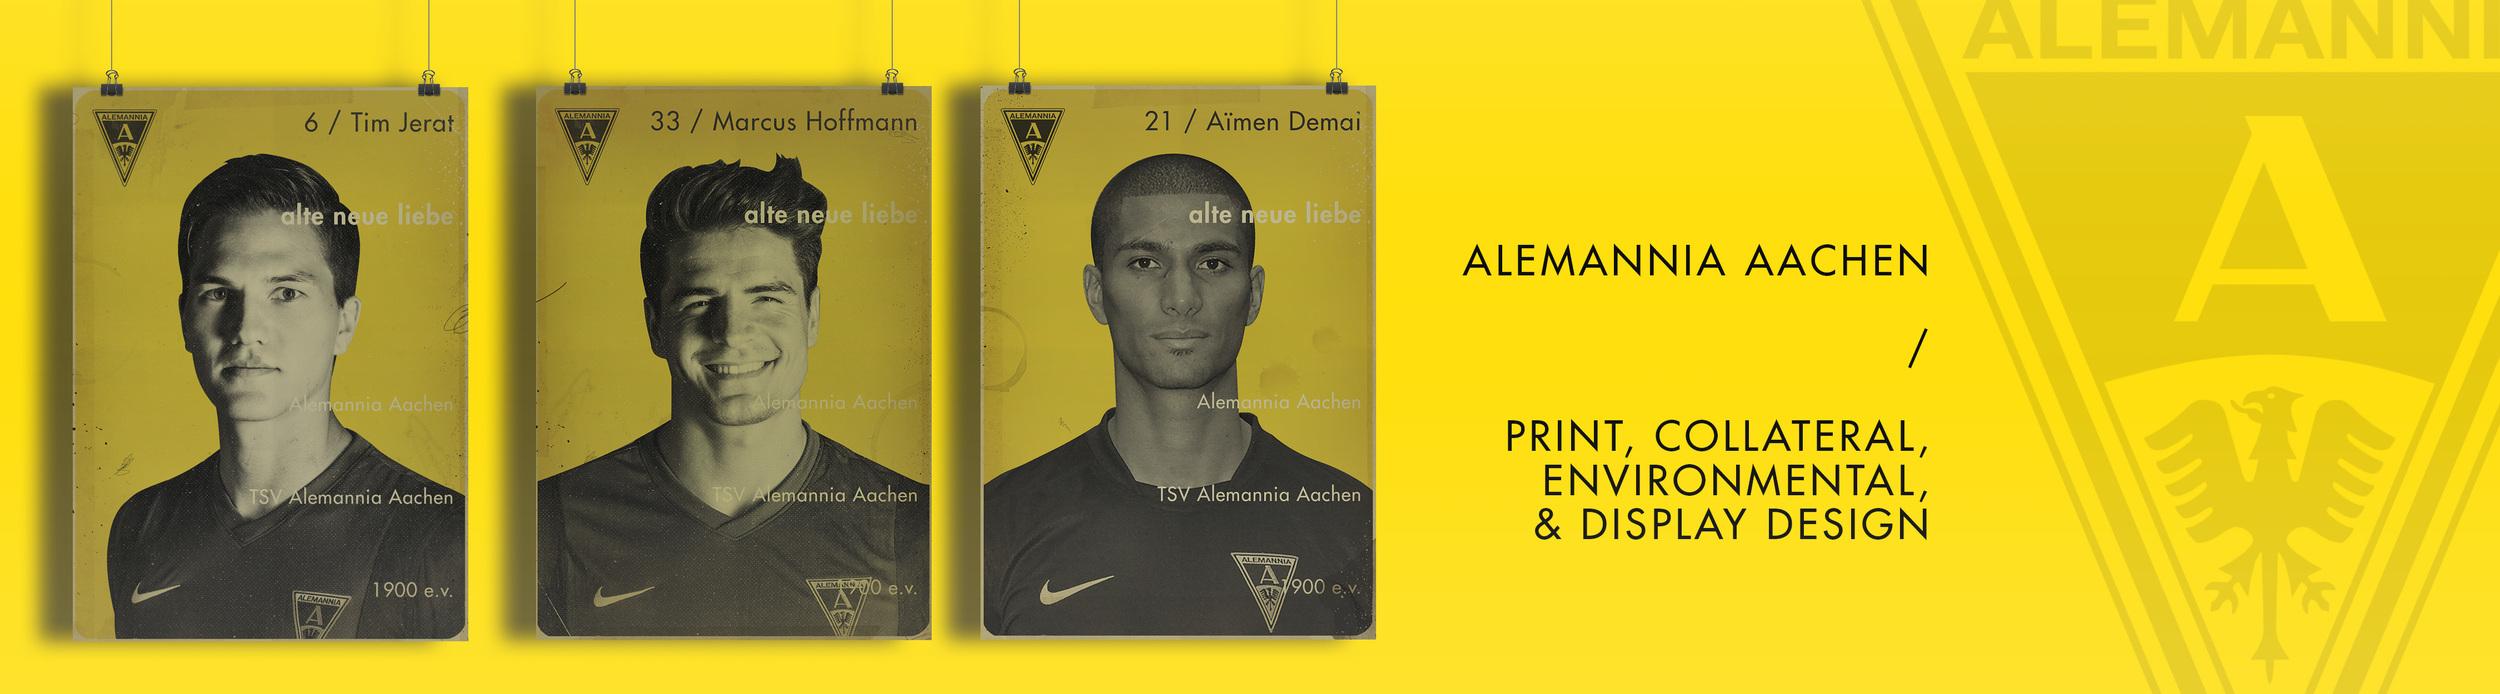 Alemannia Aachen Display For Website.jpg